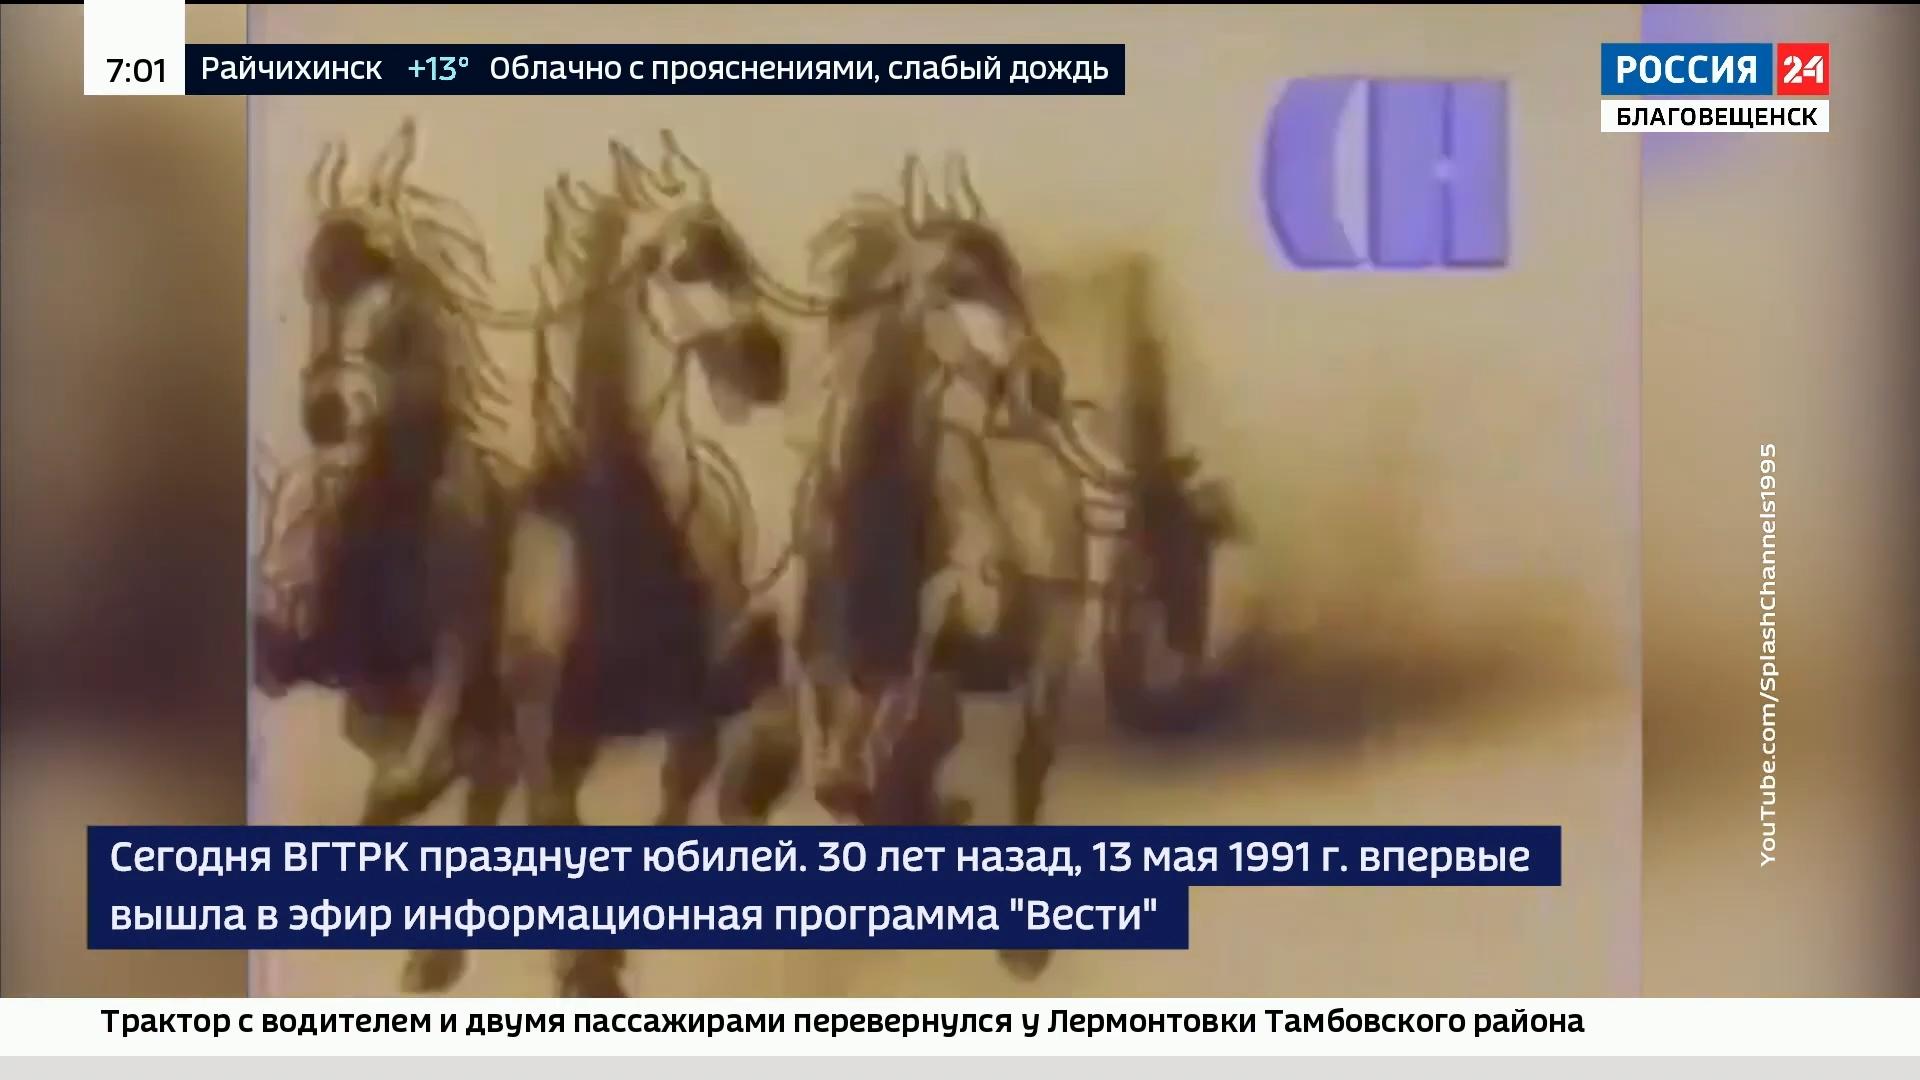 20210513_07-40--30 лет в эфире- сегодня ВГТРК празднует юбилей «Вестей»-pic02